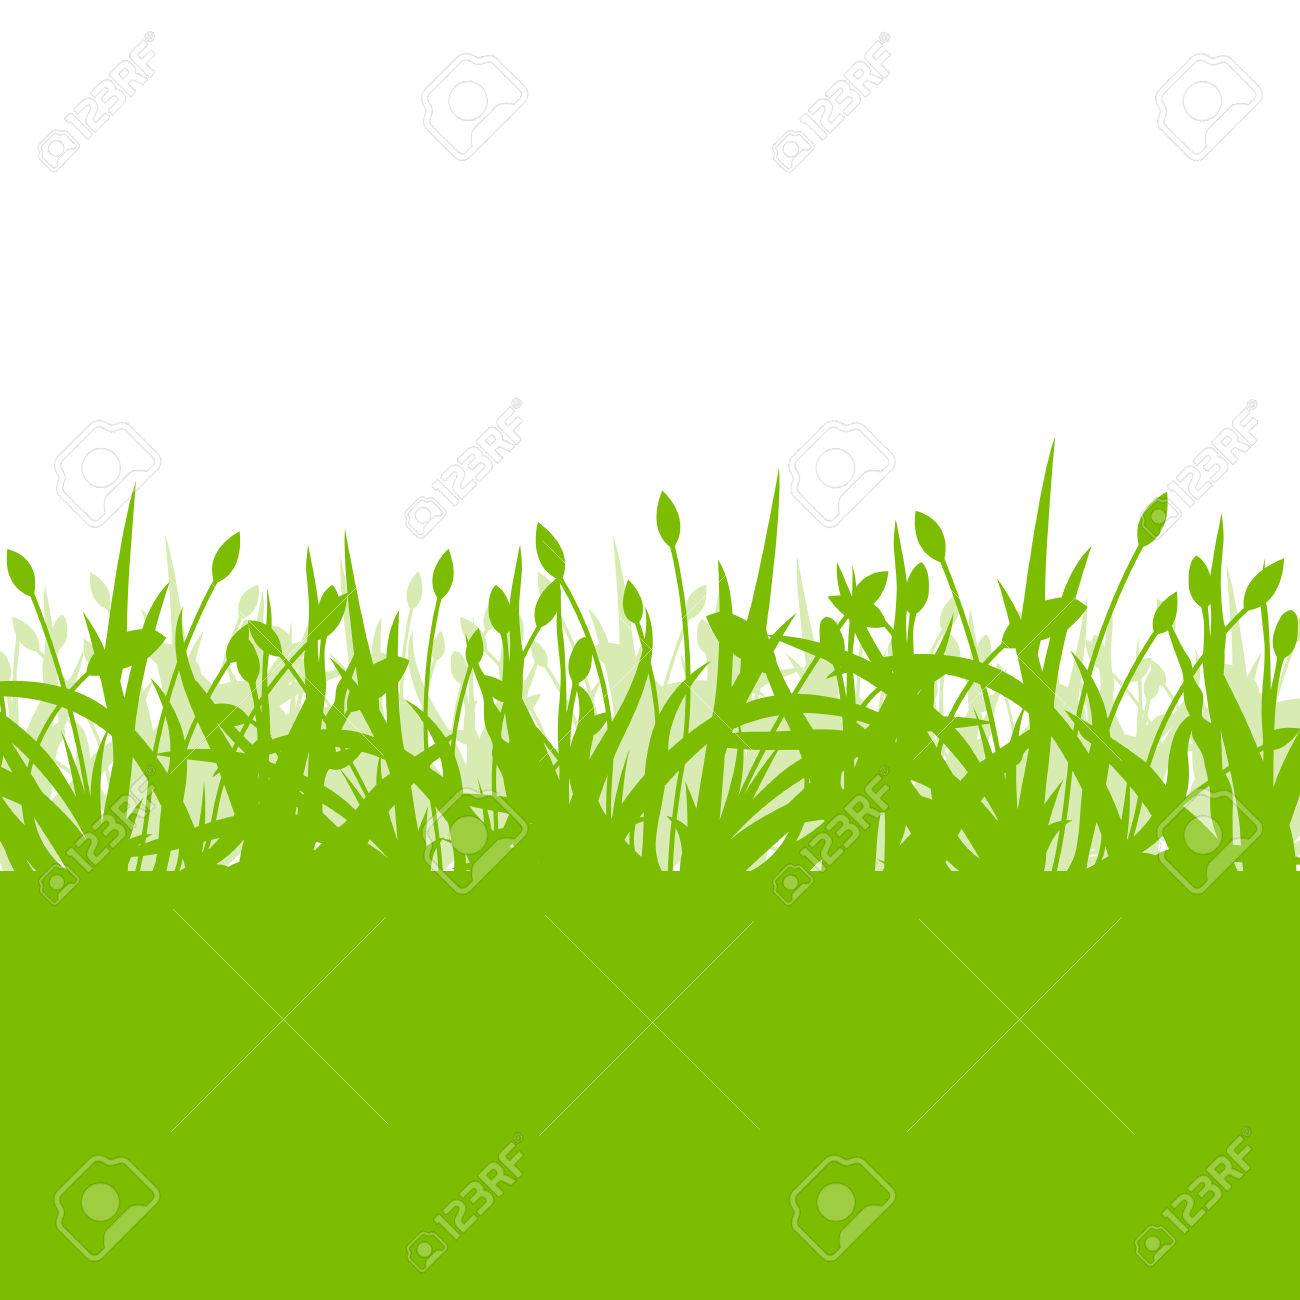 Vecteur clipart de main sur 201 cologie conscience image concept - Tulipes Printemps Saisonnier Jardin Fleuri Concept De L Cologie Illustration D Taill E Vecteur De Fond Banque